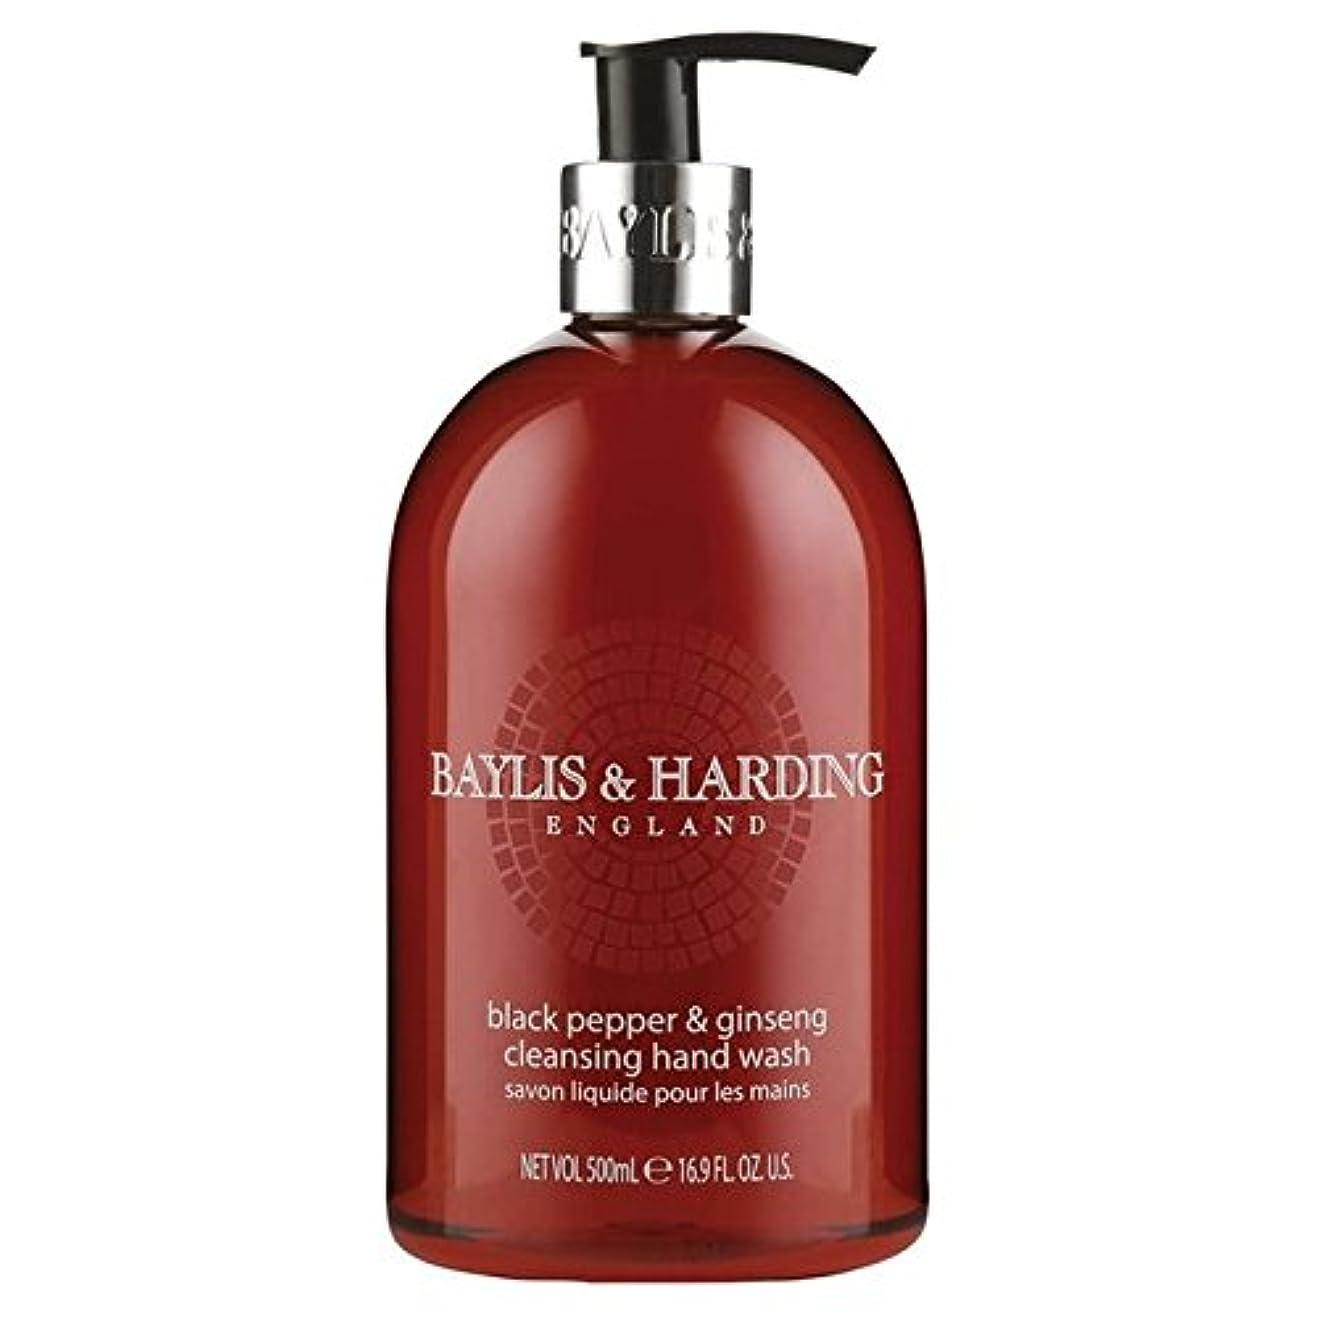 安価な重大不公平Baylis & Harding Black Pepper & Ginseng Hand Wash 500ml - ベイリス&ハーディングブラックペッパー&人参のハンドウォッシュ500ミリリットル [並行輸入品]